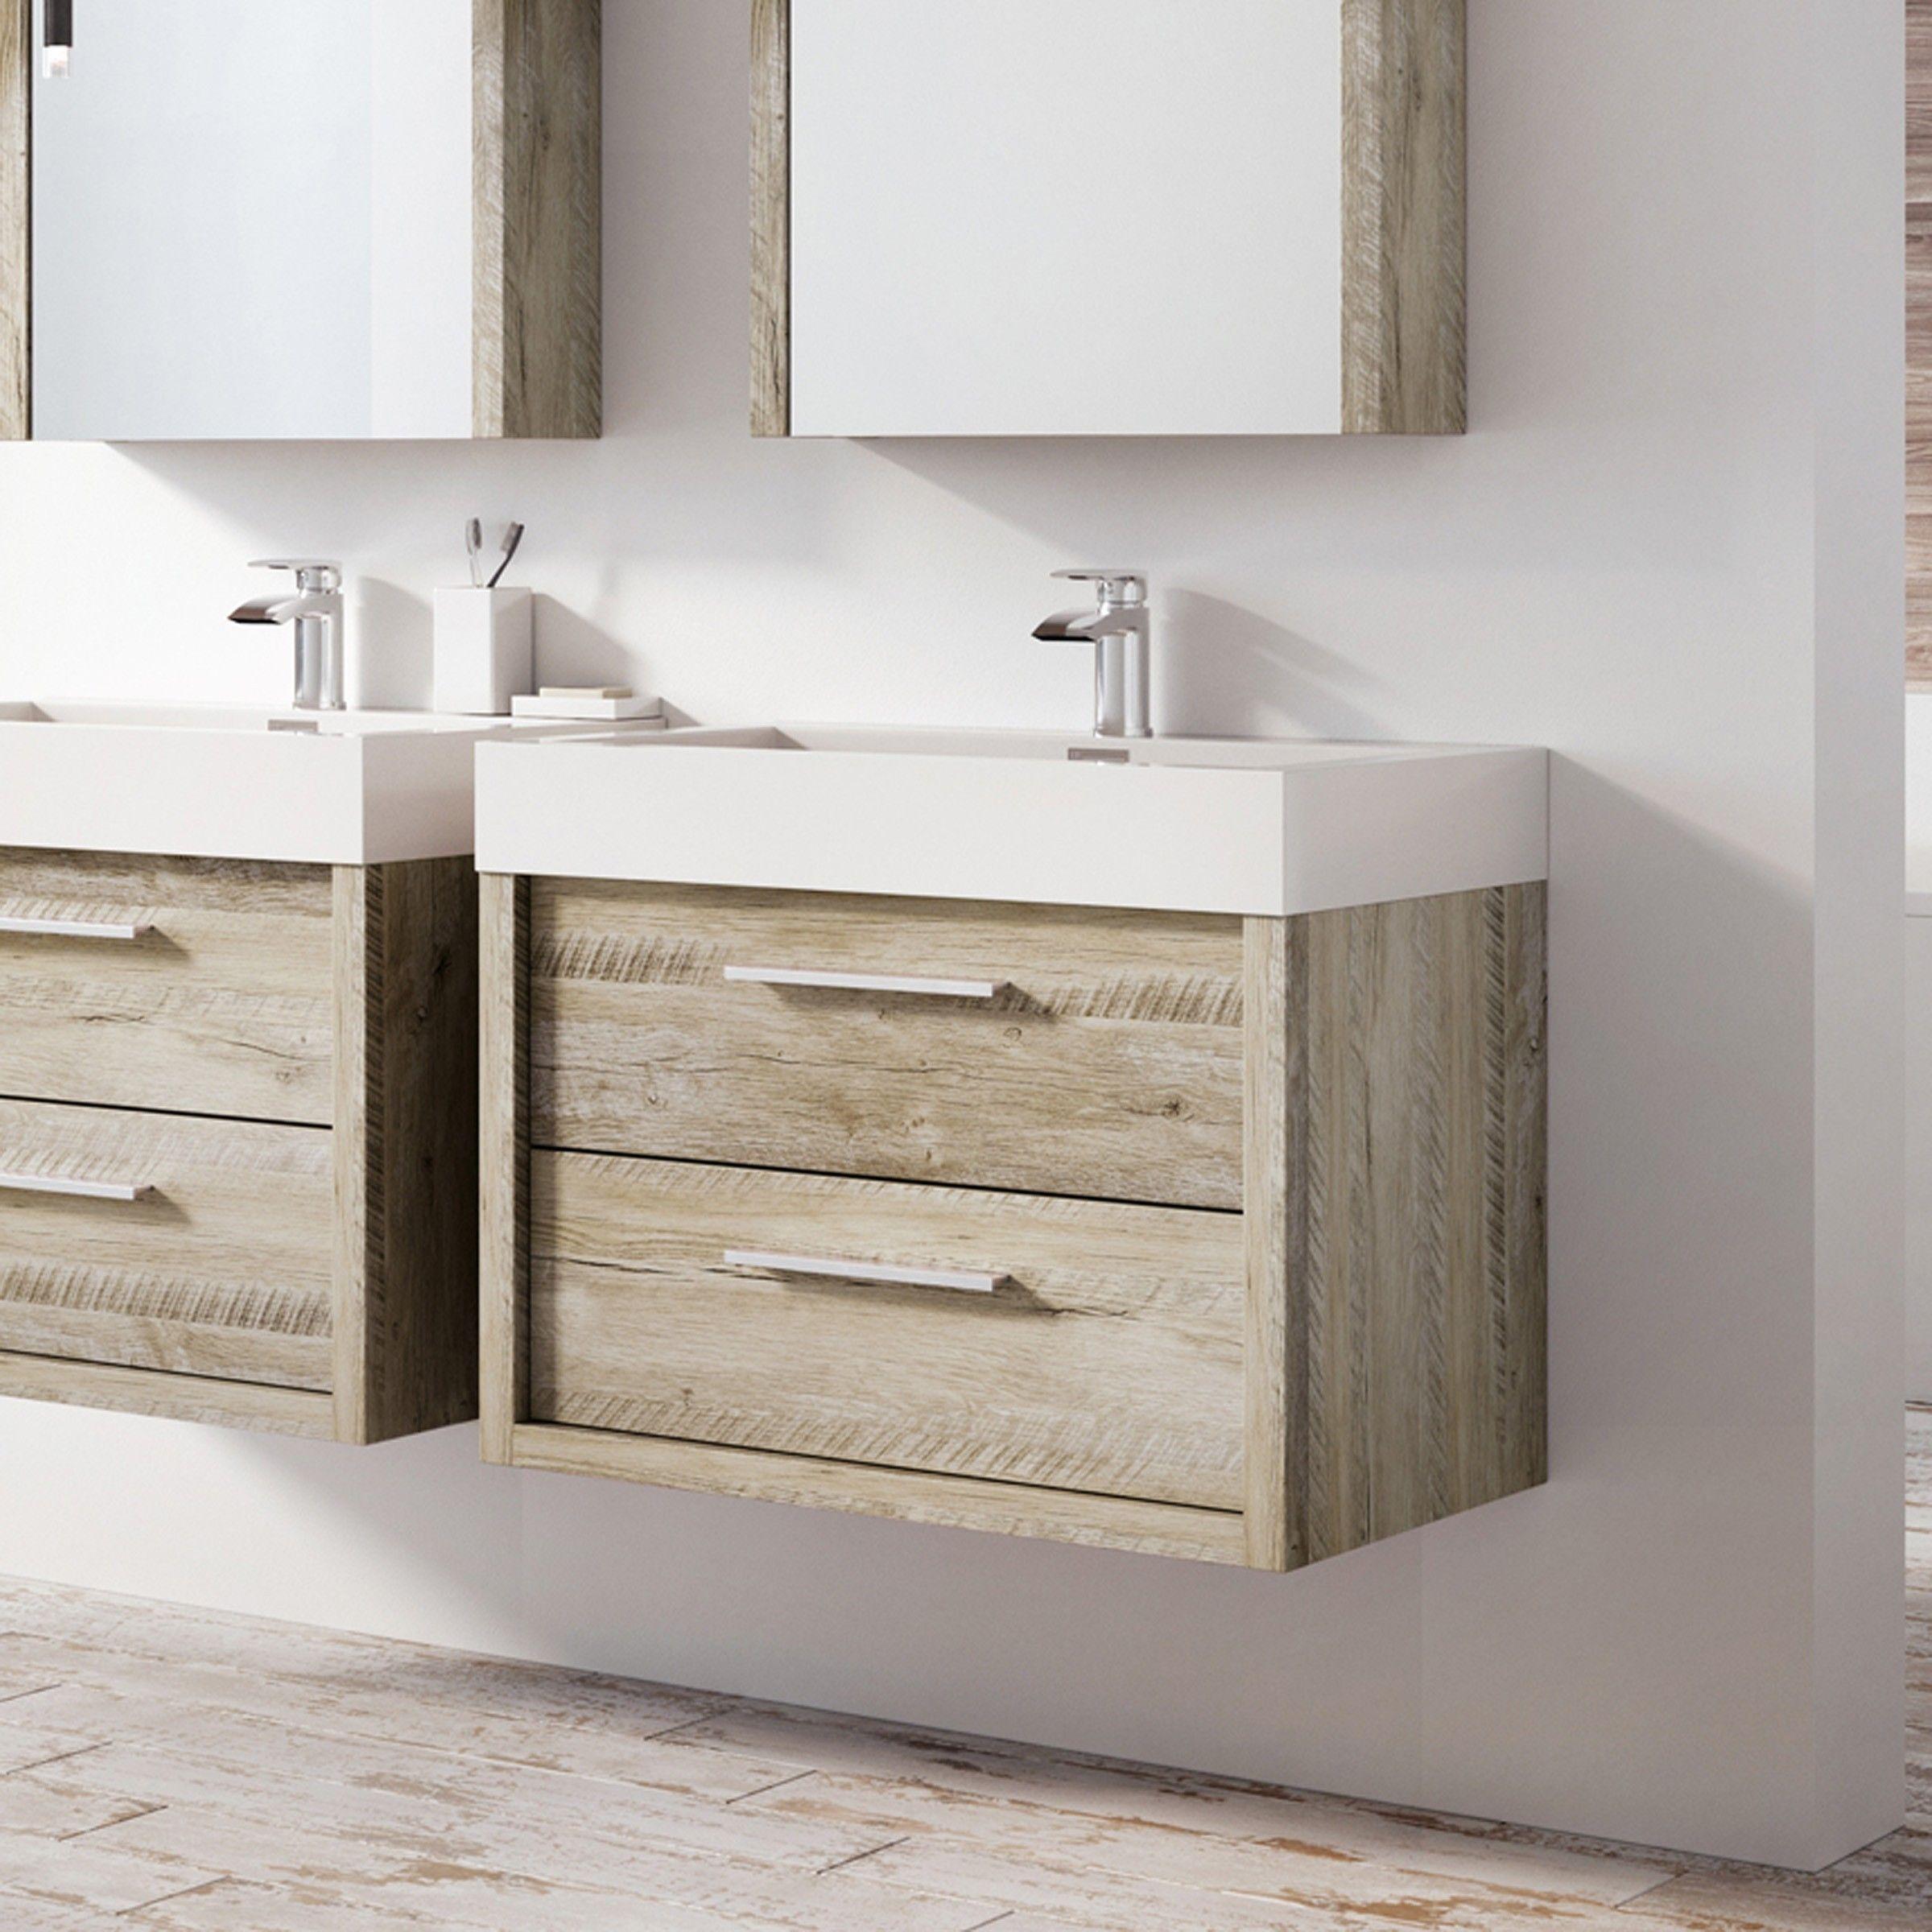 Badezimmer Möbel Eiche (mit Bildern) Badezimmer möbel